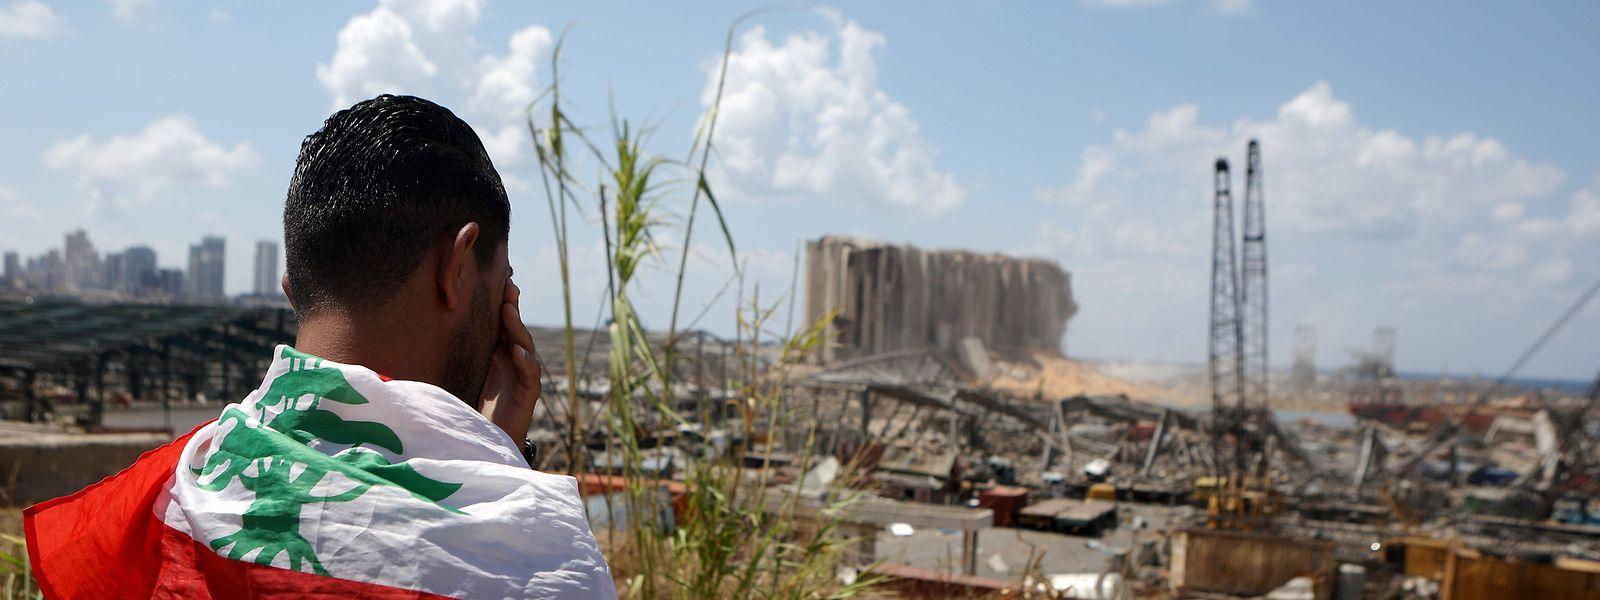 Mit Tränen in den Augen richtet ein Demonstrant seinen Blick auf den zerstörten Hafen von Beirut, der sinnbildlich für das Scheitern eines ganzen Staates steht.